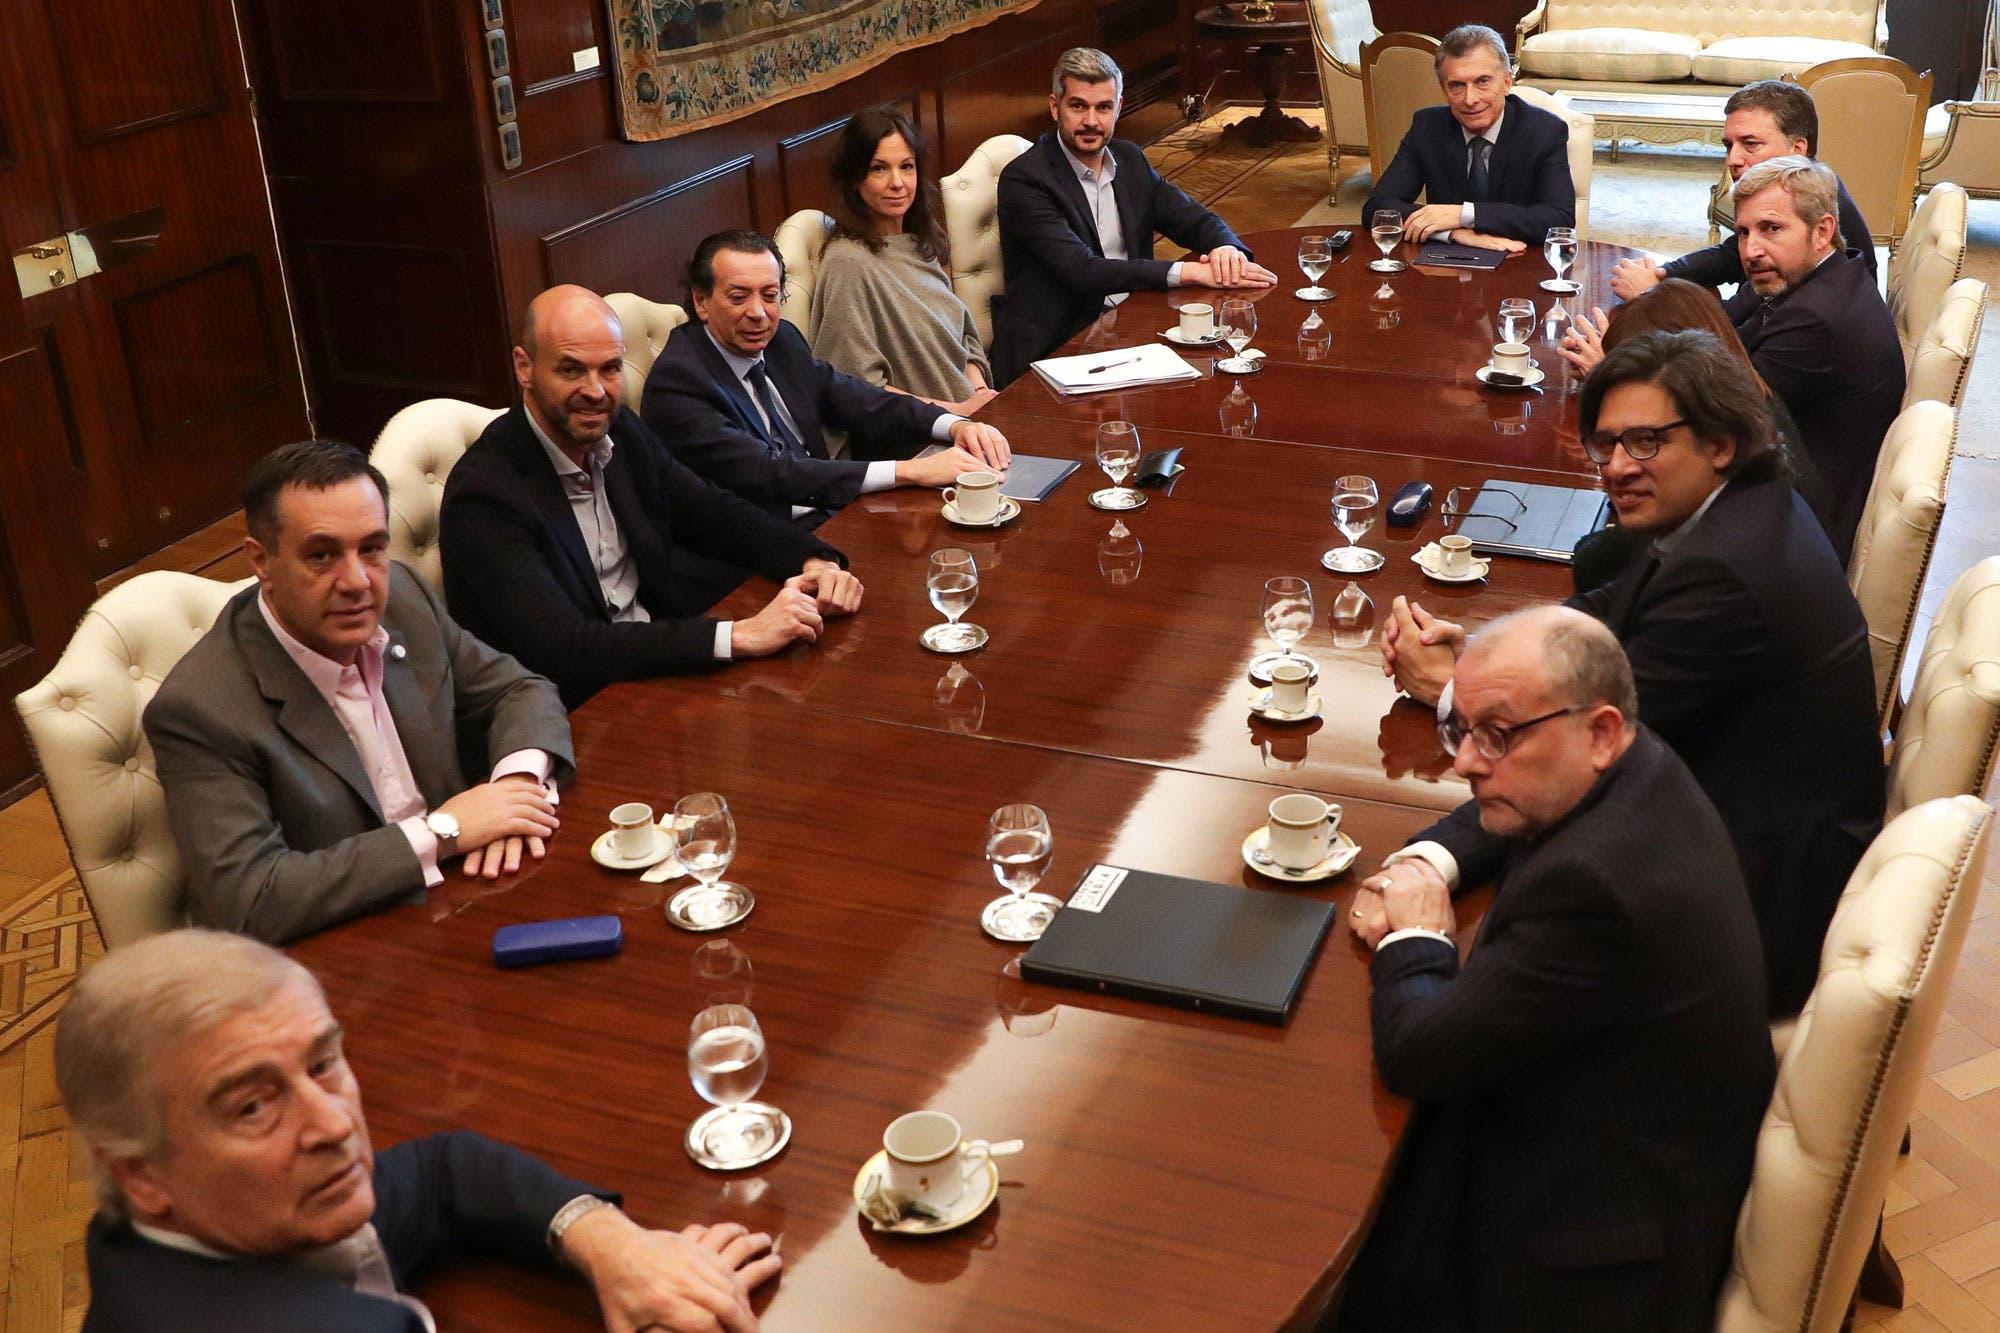 Los días de silencio de Marcos Peña: el giro de la comunicación oficial, la defensa de Durán Barba y los nuevos voceros